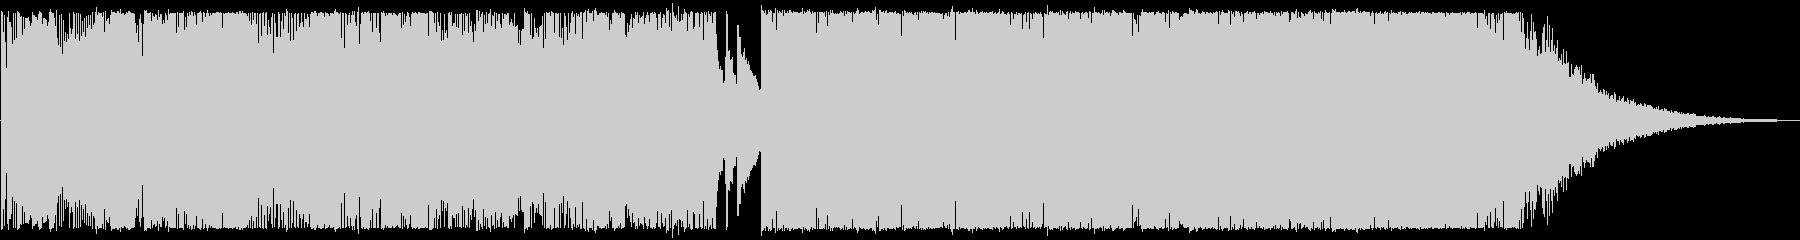 壮大な雰囲気のEDMの未再生の波形